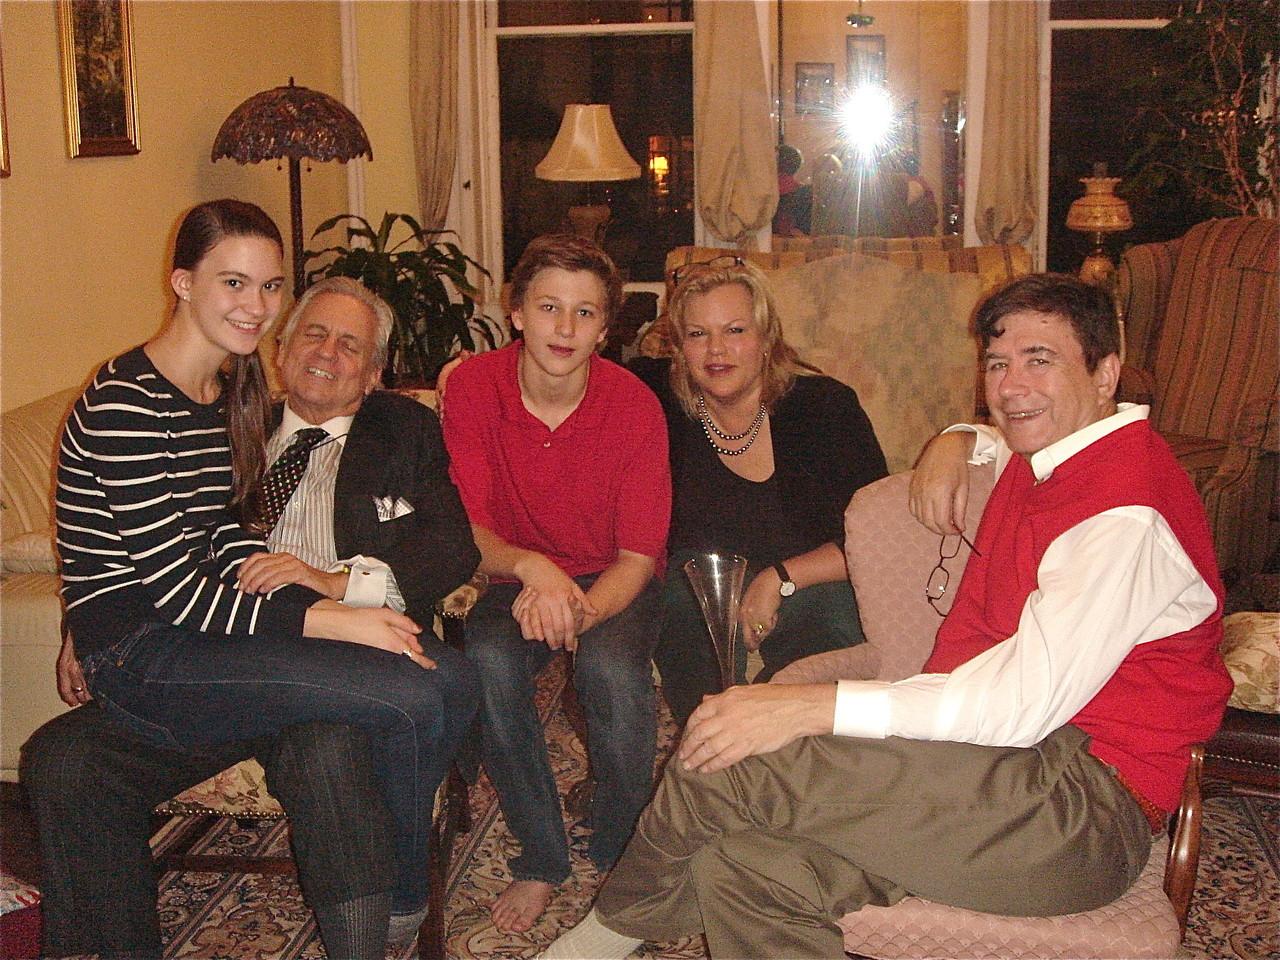 Ellie, Stuart Sr., Jack, Celeste Gudas, & John Wagner, Dec. 23, 2013 Gudas/Wagner Home in Manhattan